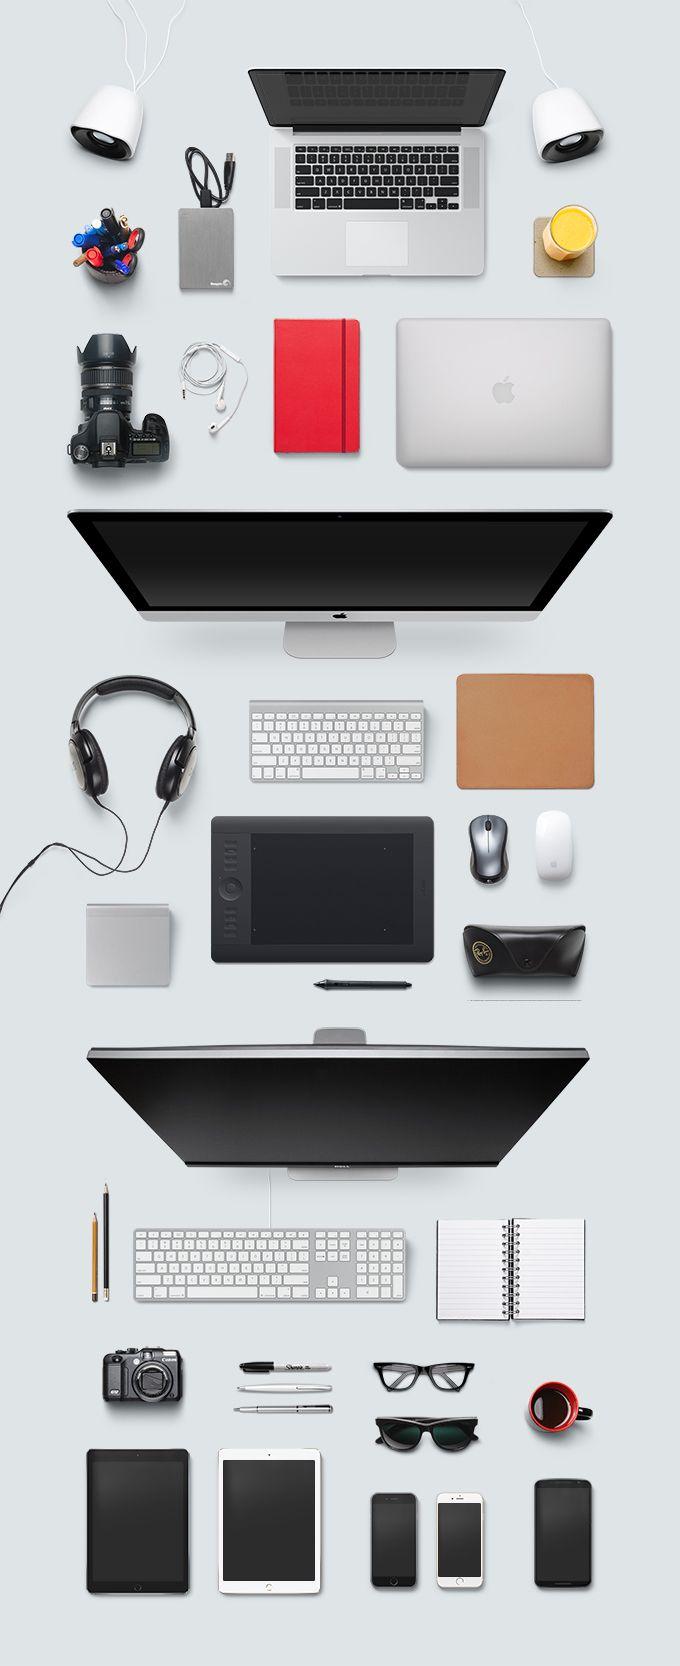 Designer Desk Essentials - FREE PSD - 365psd